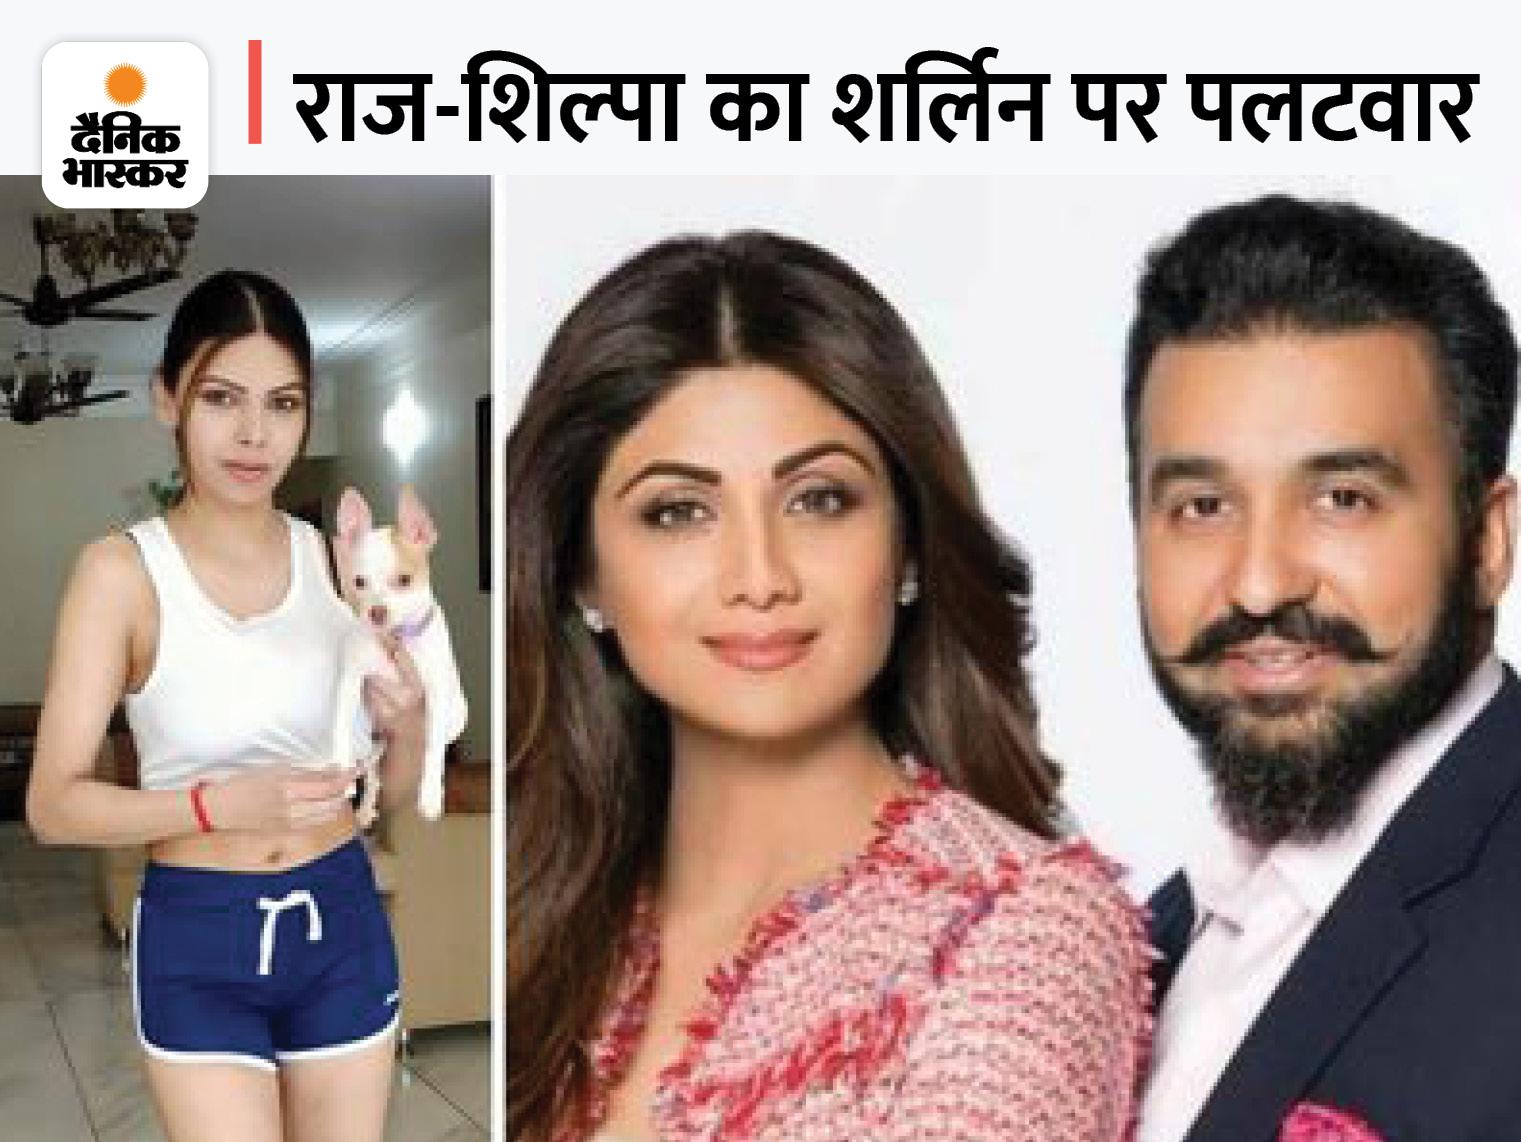 दूसरी FIR दर्ज कराना भारी पड़ा, शिल्पा और राज कुंद्रा ने 50 करोड़ की मानहानि का केस किया|बॉलीवुड,Bollywood - Dainik Bhaskar